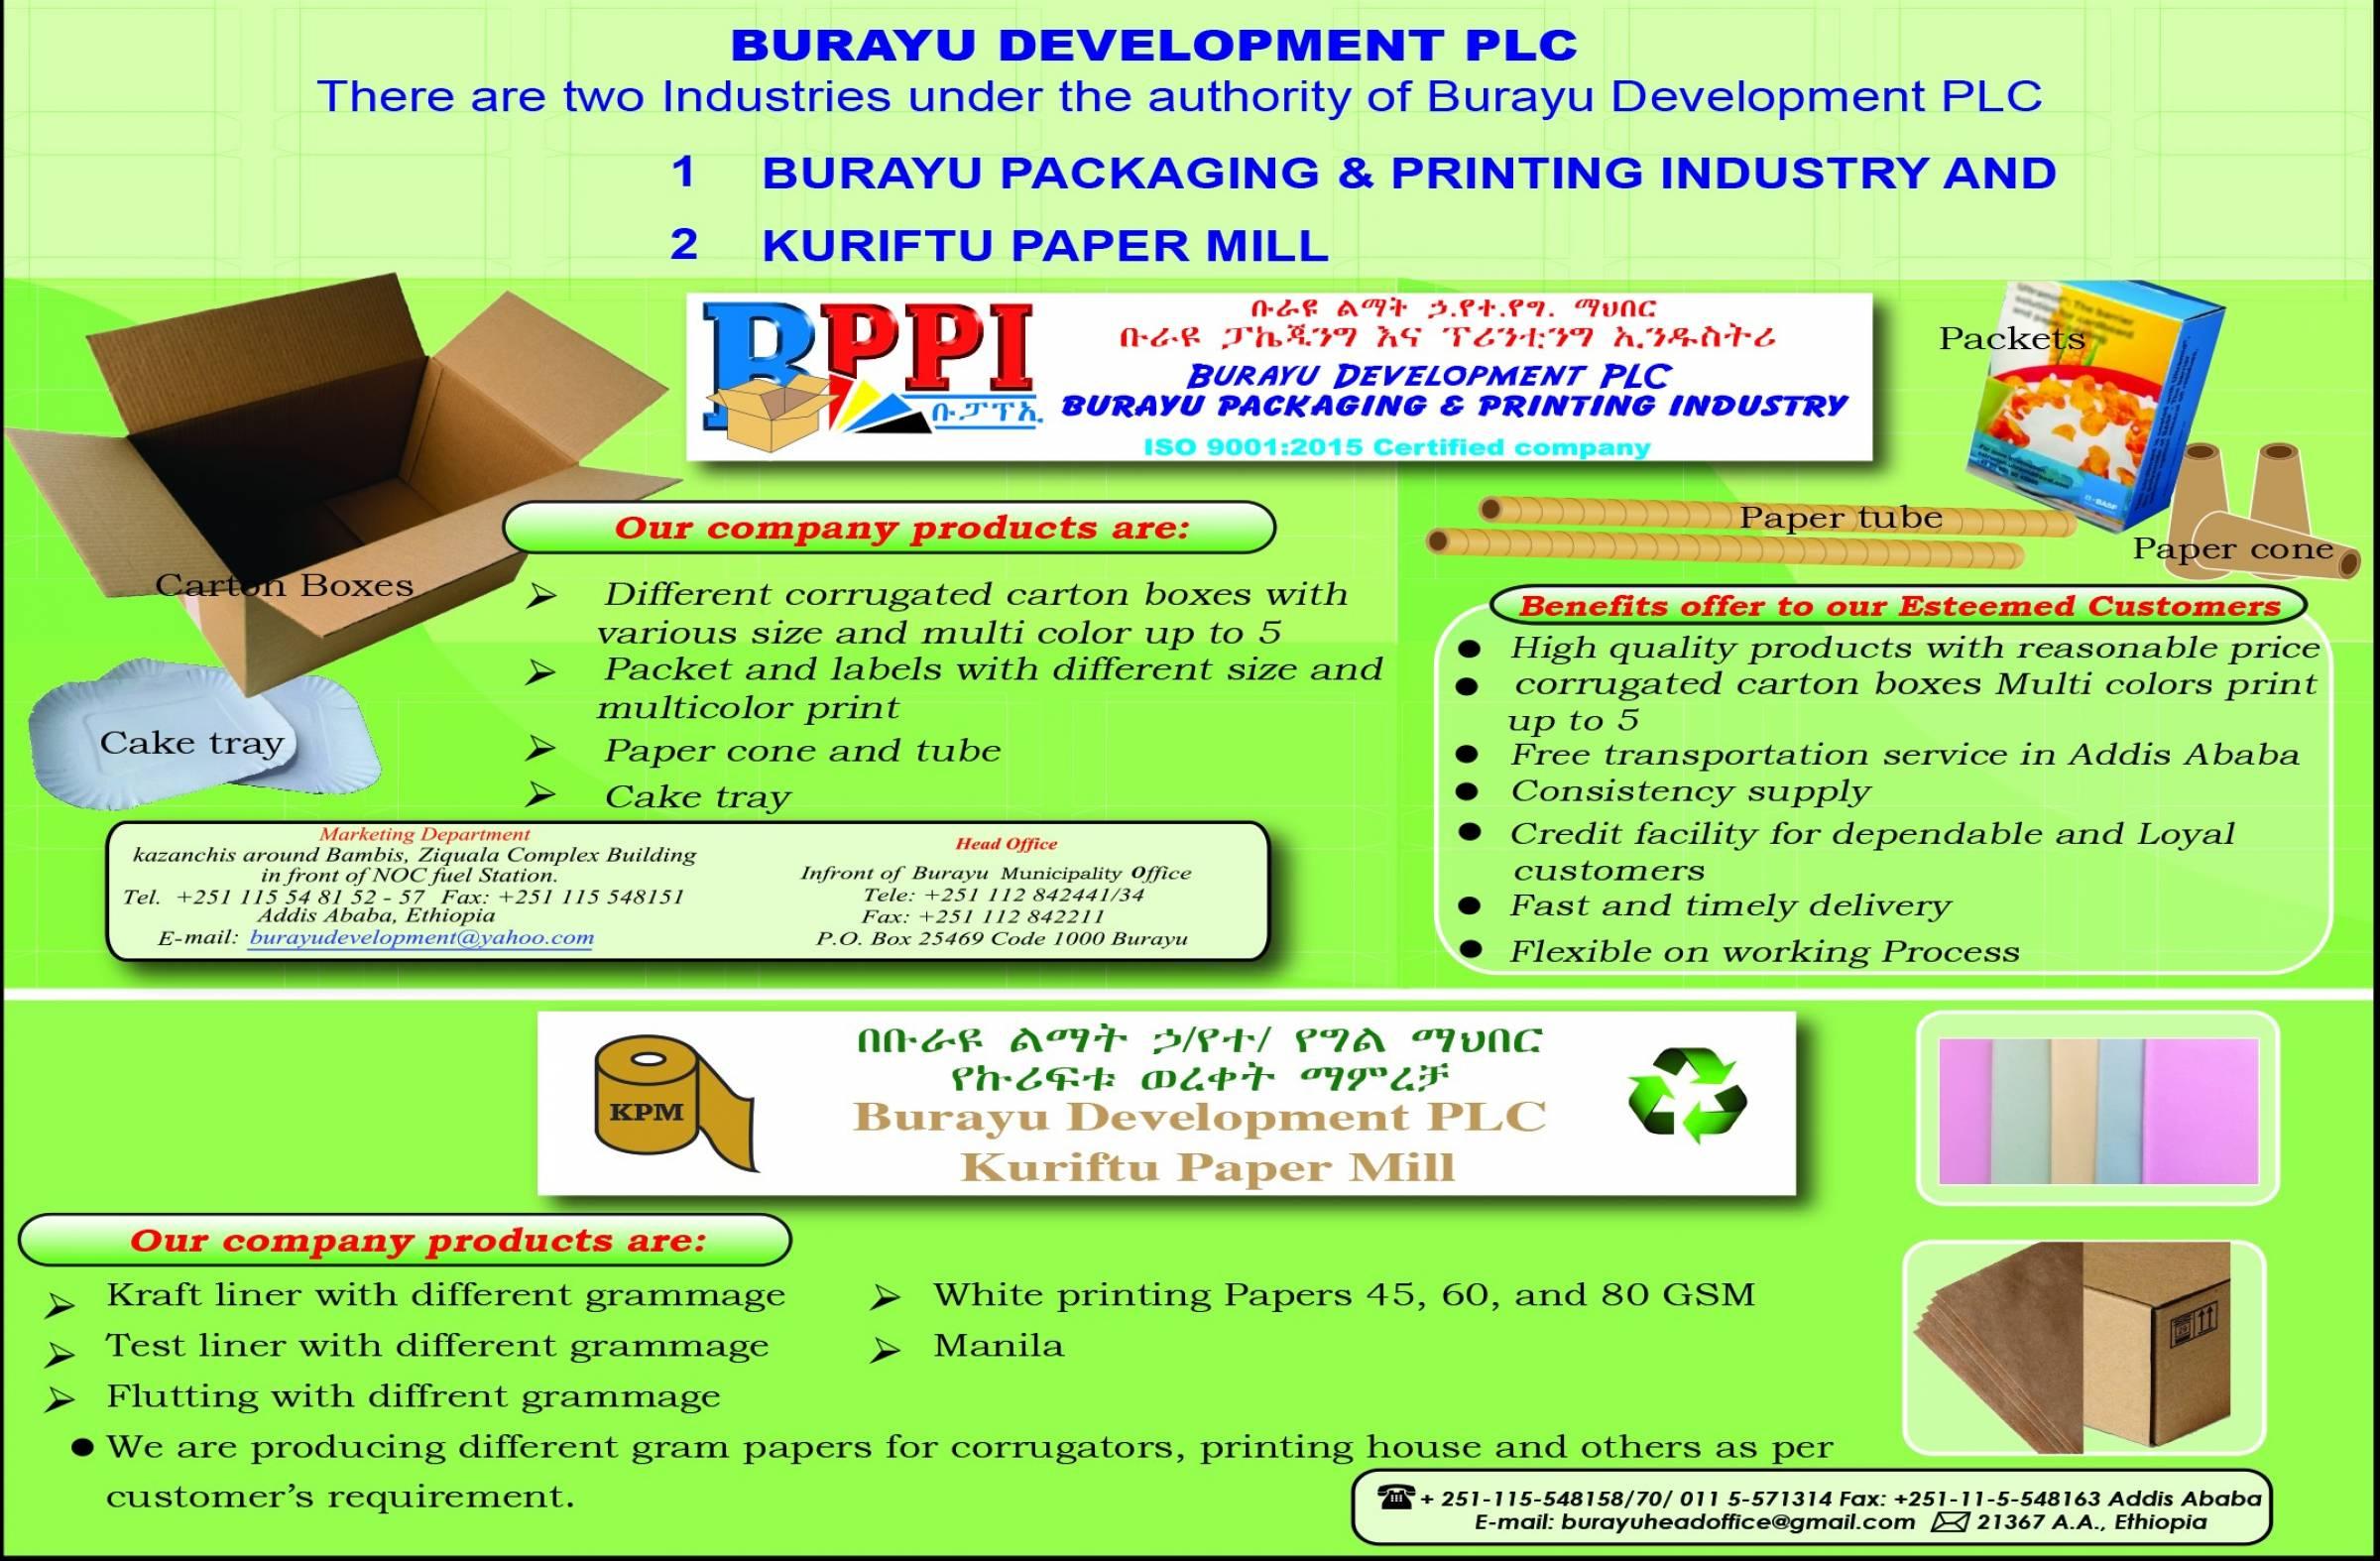 Burayu Packaging & Printing Industry